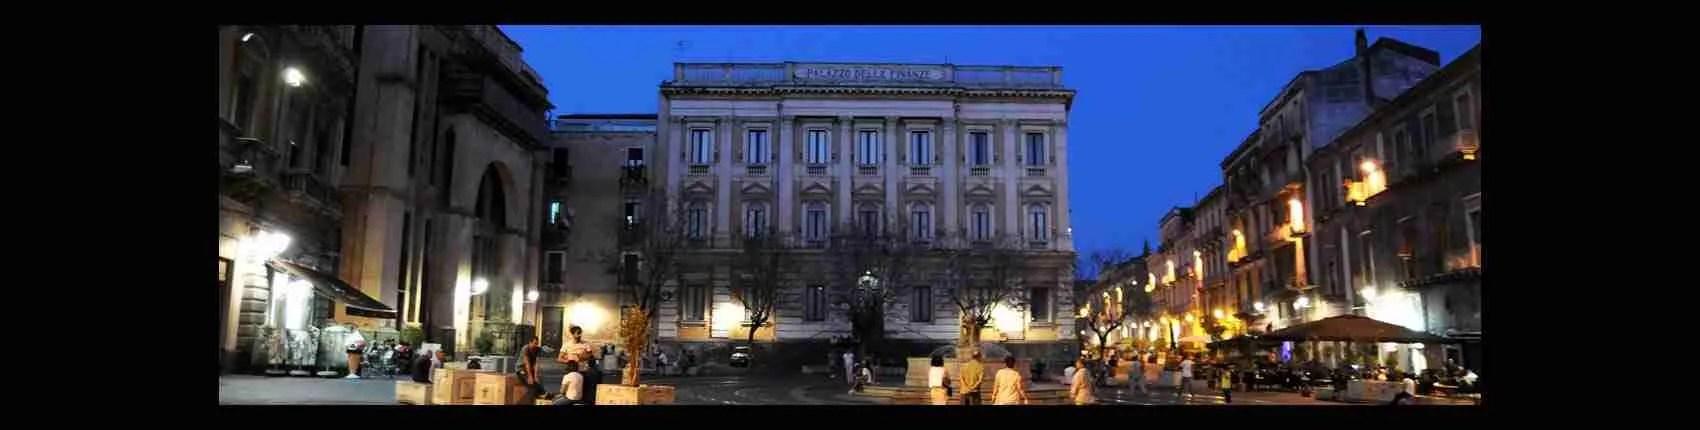 Le top class escort Catania scelgono un appartamento in Piazza Bellini per i loro incontri di alto livello. Magica Escort